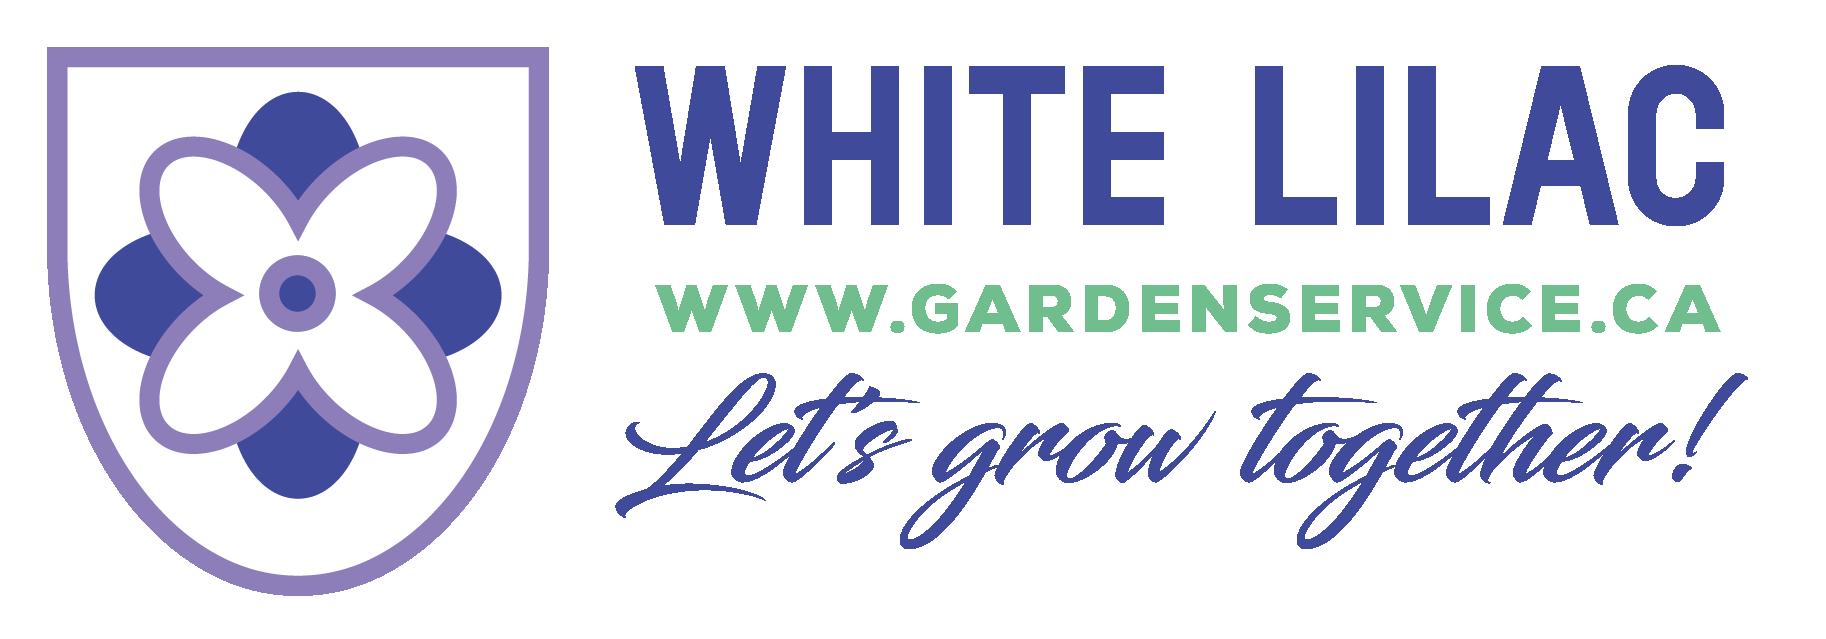 White Lilac Garden Services